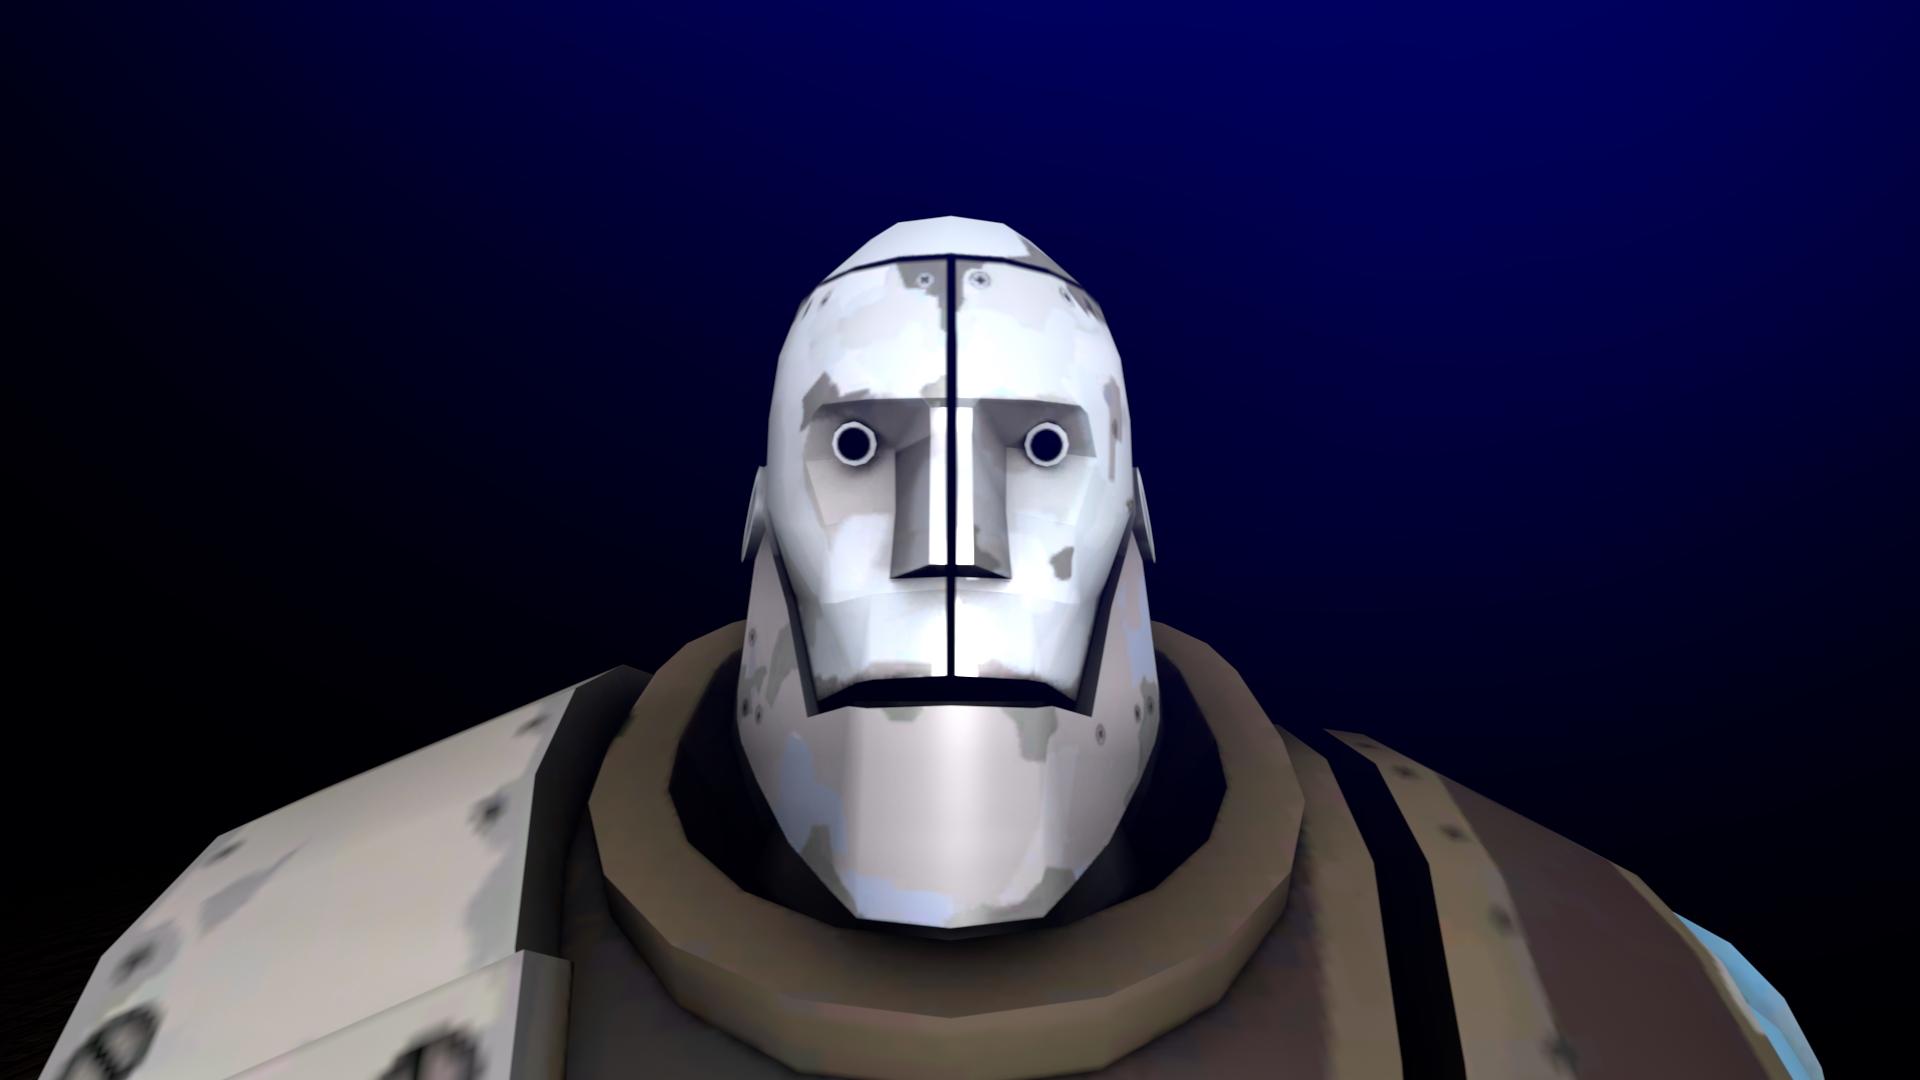 Pootis-Bot